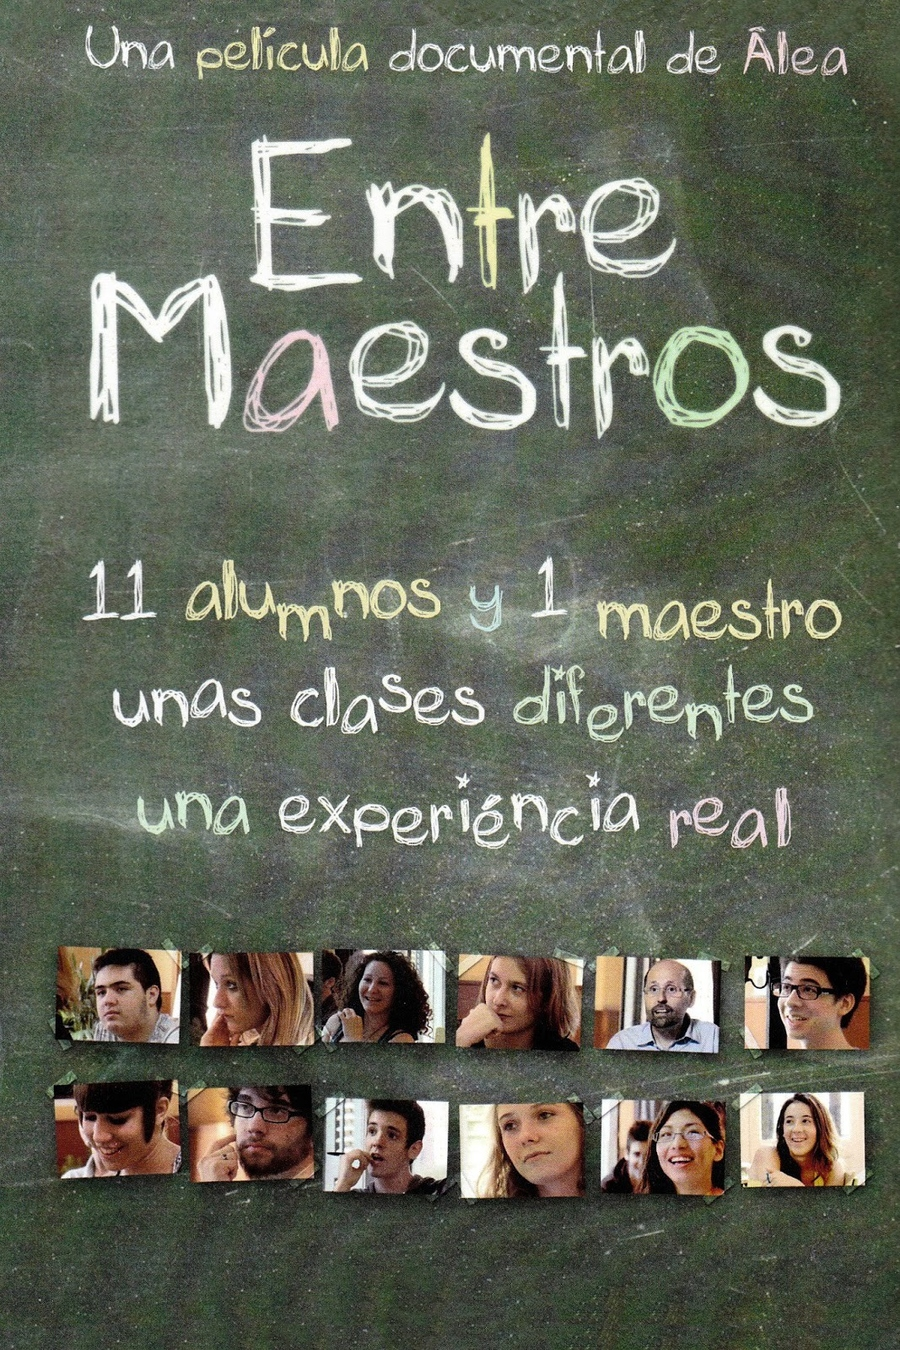 Entre Maestros